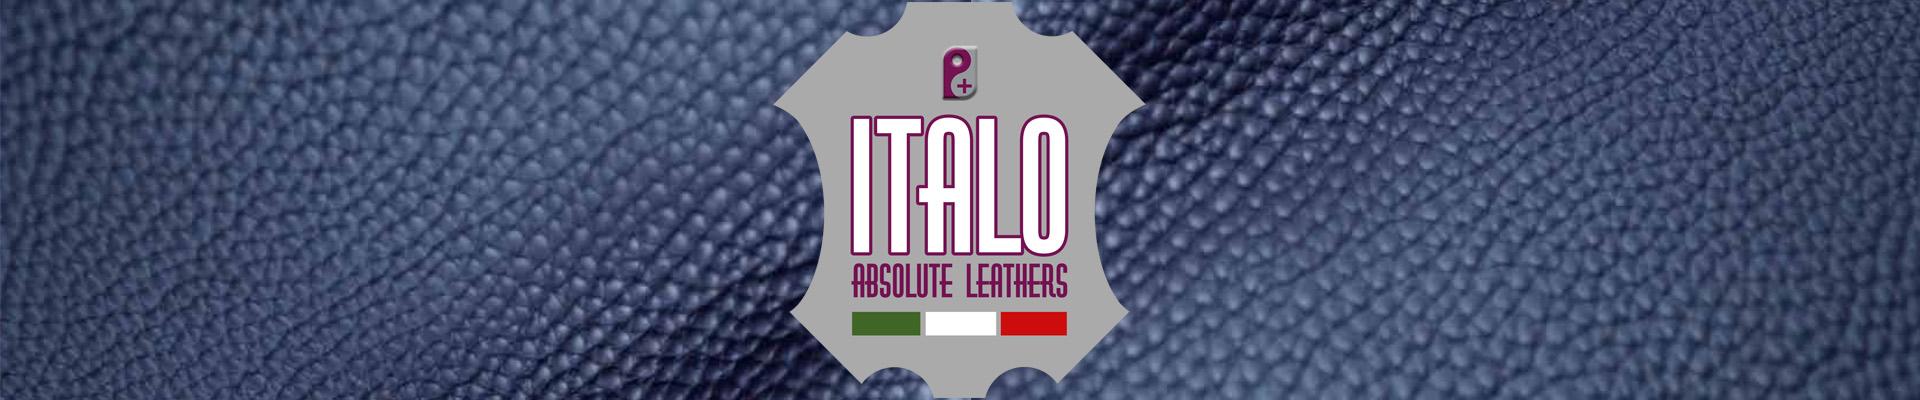 Collezione ITALO – Absolute Leathers